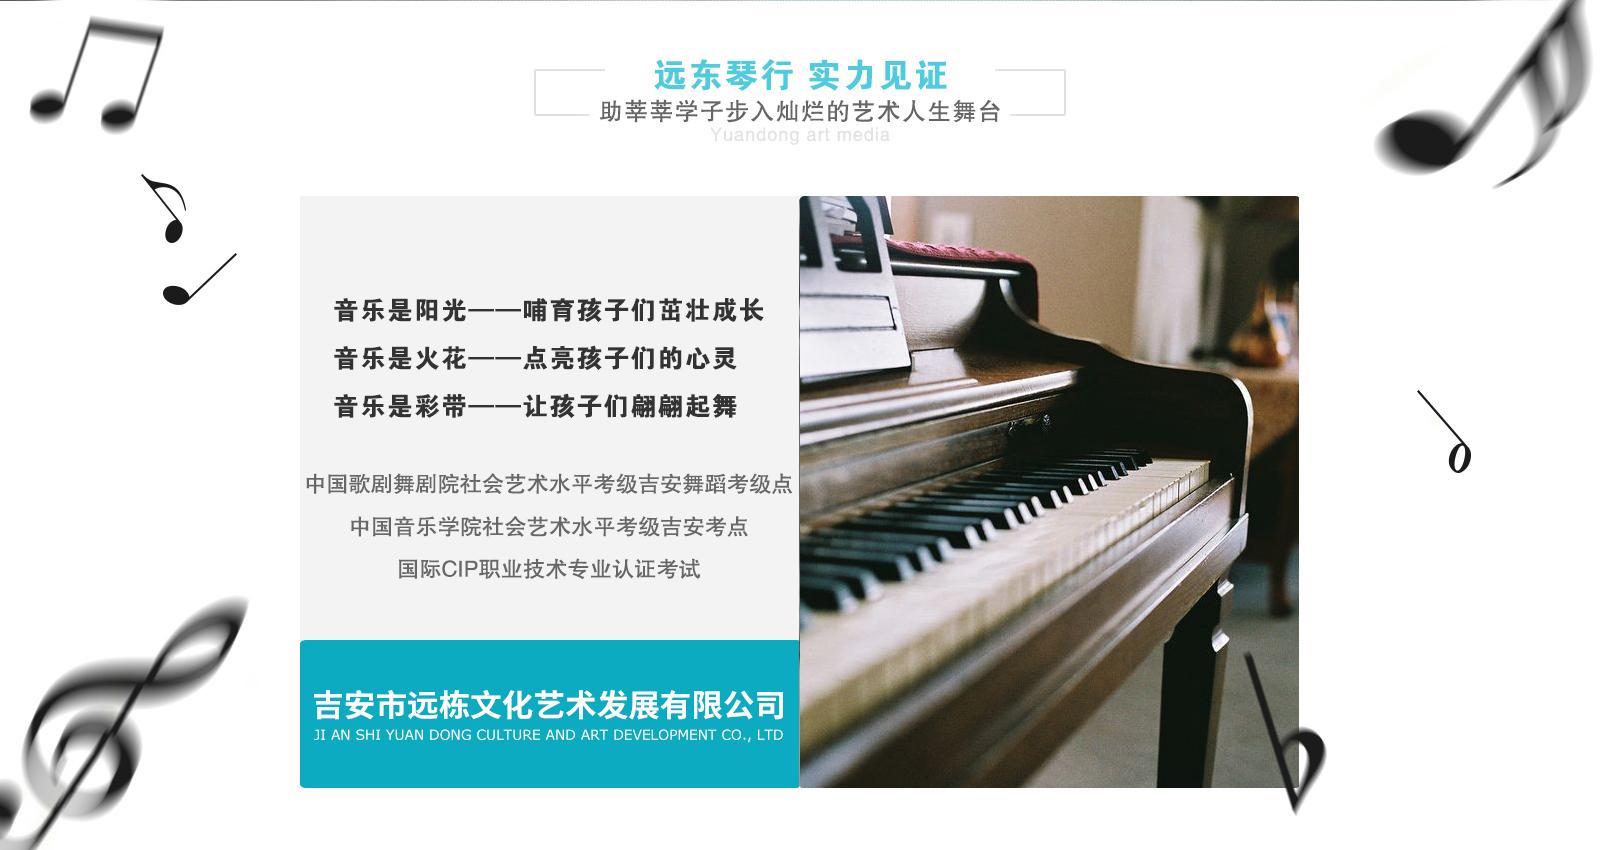 吉安钢琴培训,吉安钢琴培训班,吉安儿童钢琴培训,吉安儿童钢琴考级培训